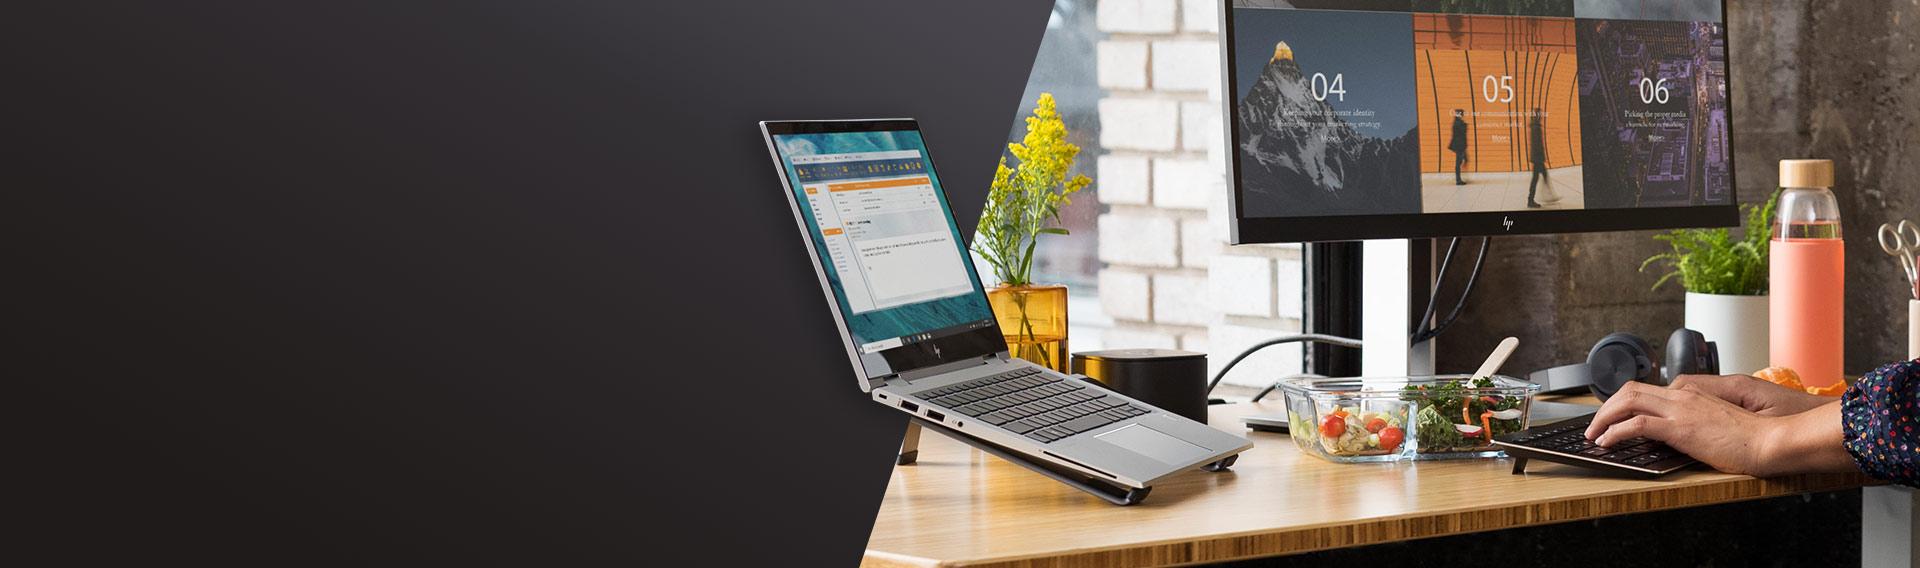 ¡Actualizá tu negocio con la tecnología HP!